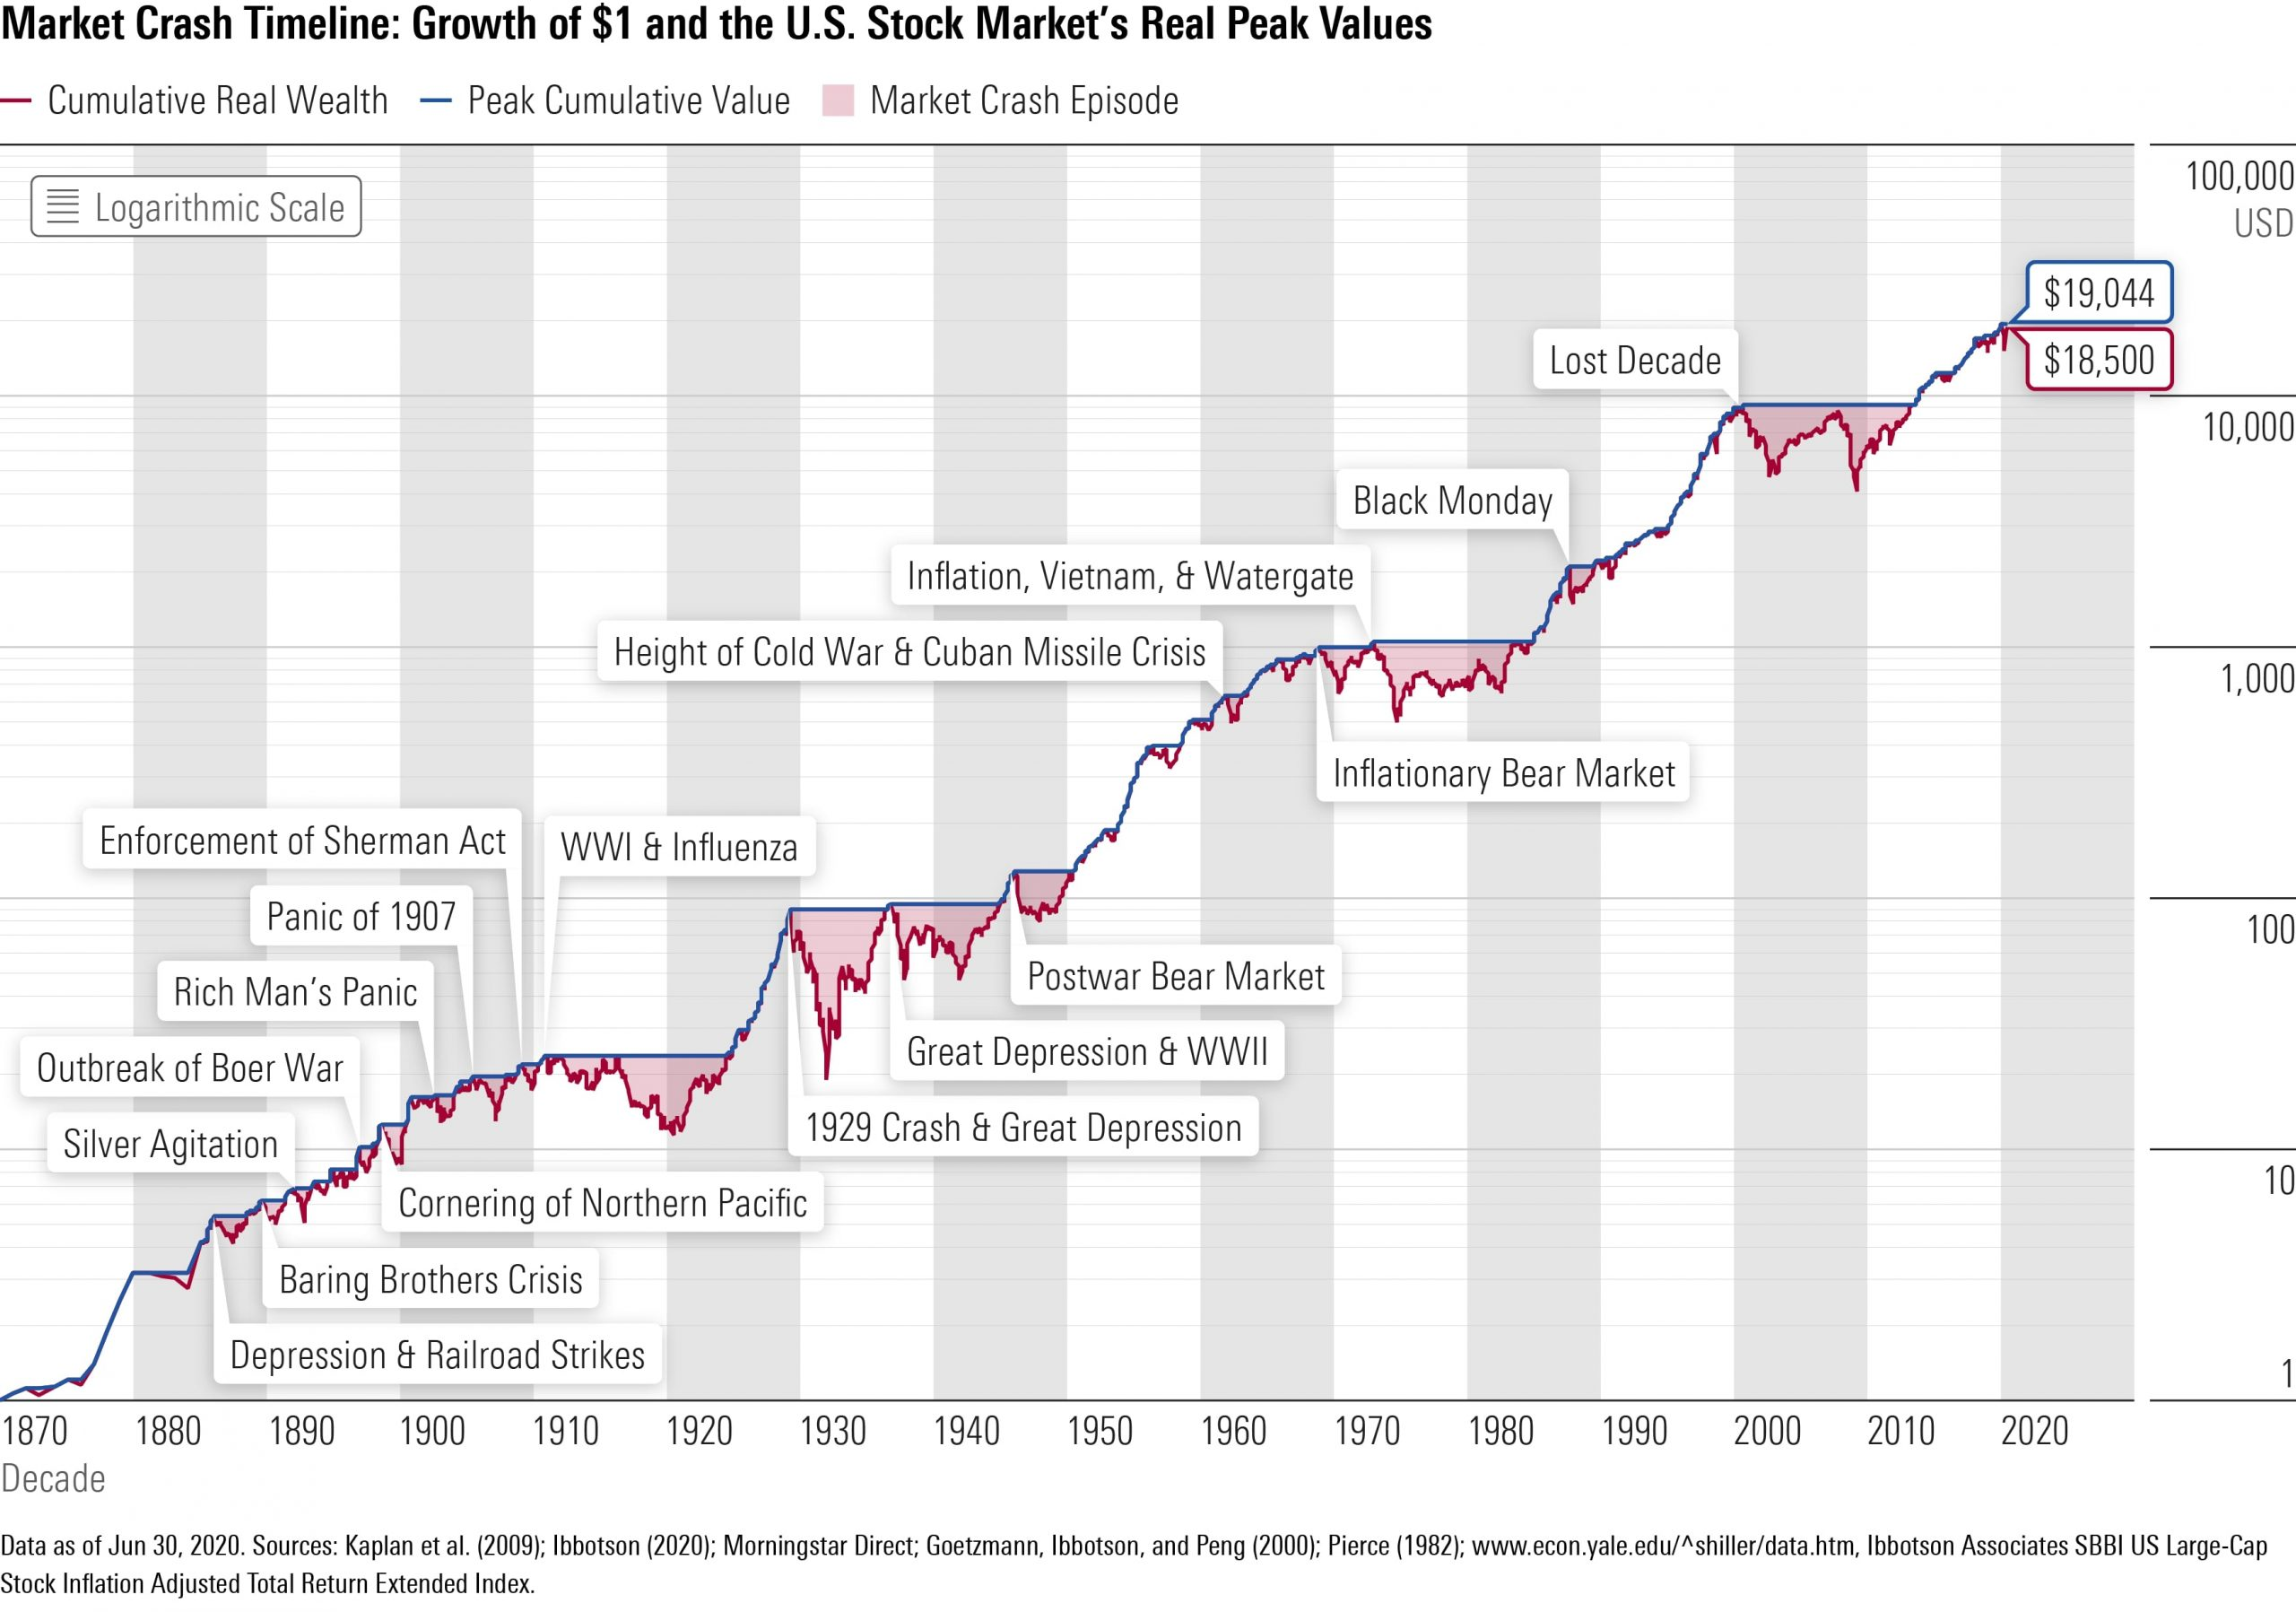 """พอร์ตการลงทุน """"สุดเอ็กซ์คลูซีฟ"""" : พอร์ต GOR สร้างผลตอบแทนในทุกสภาวะตลาดอย่างมั่นใจ"""